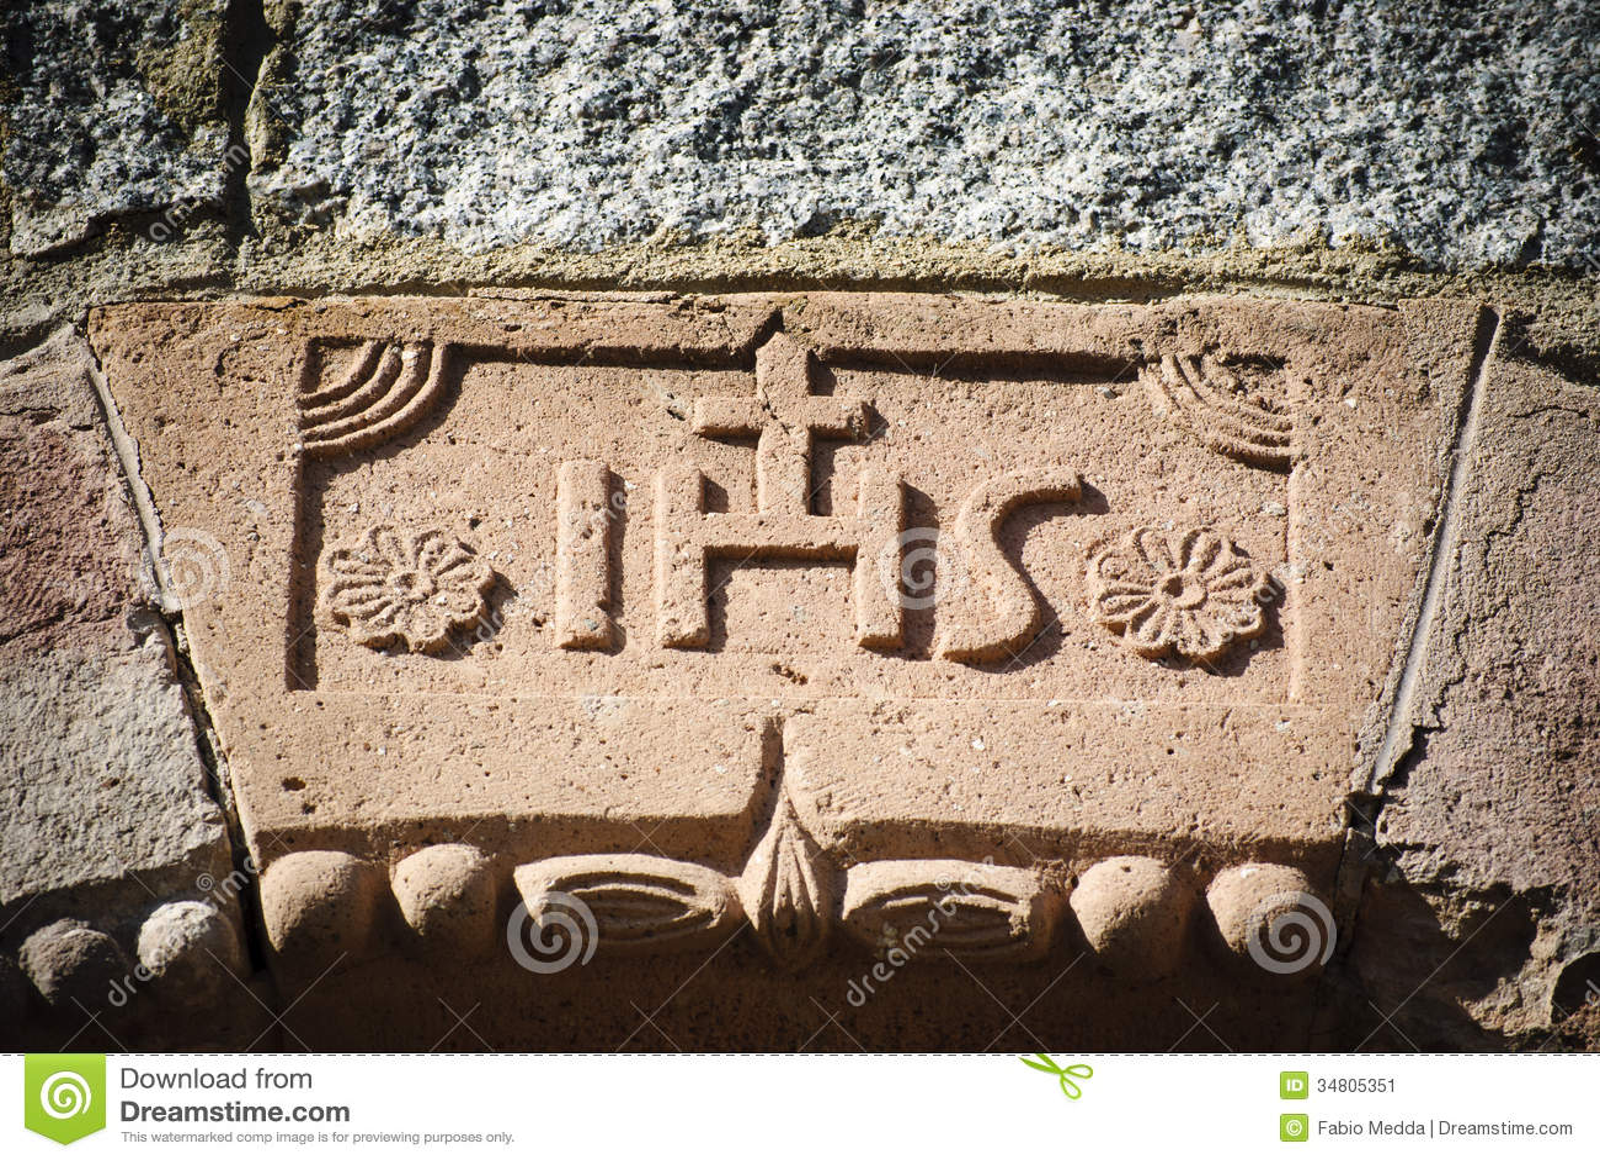 Sardinia.Inscription de uma igreja